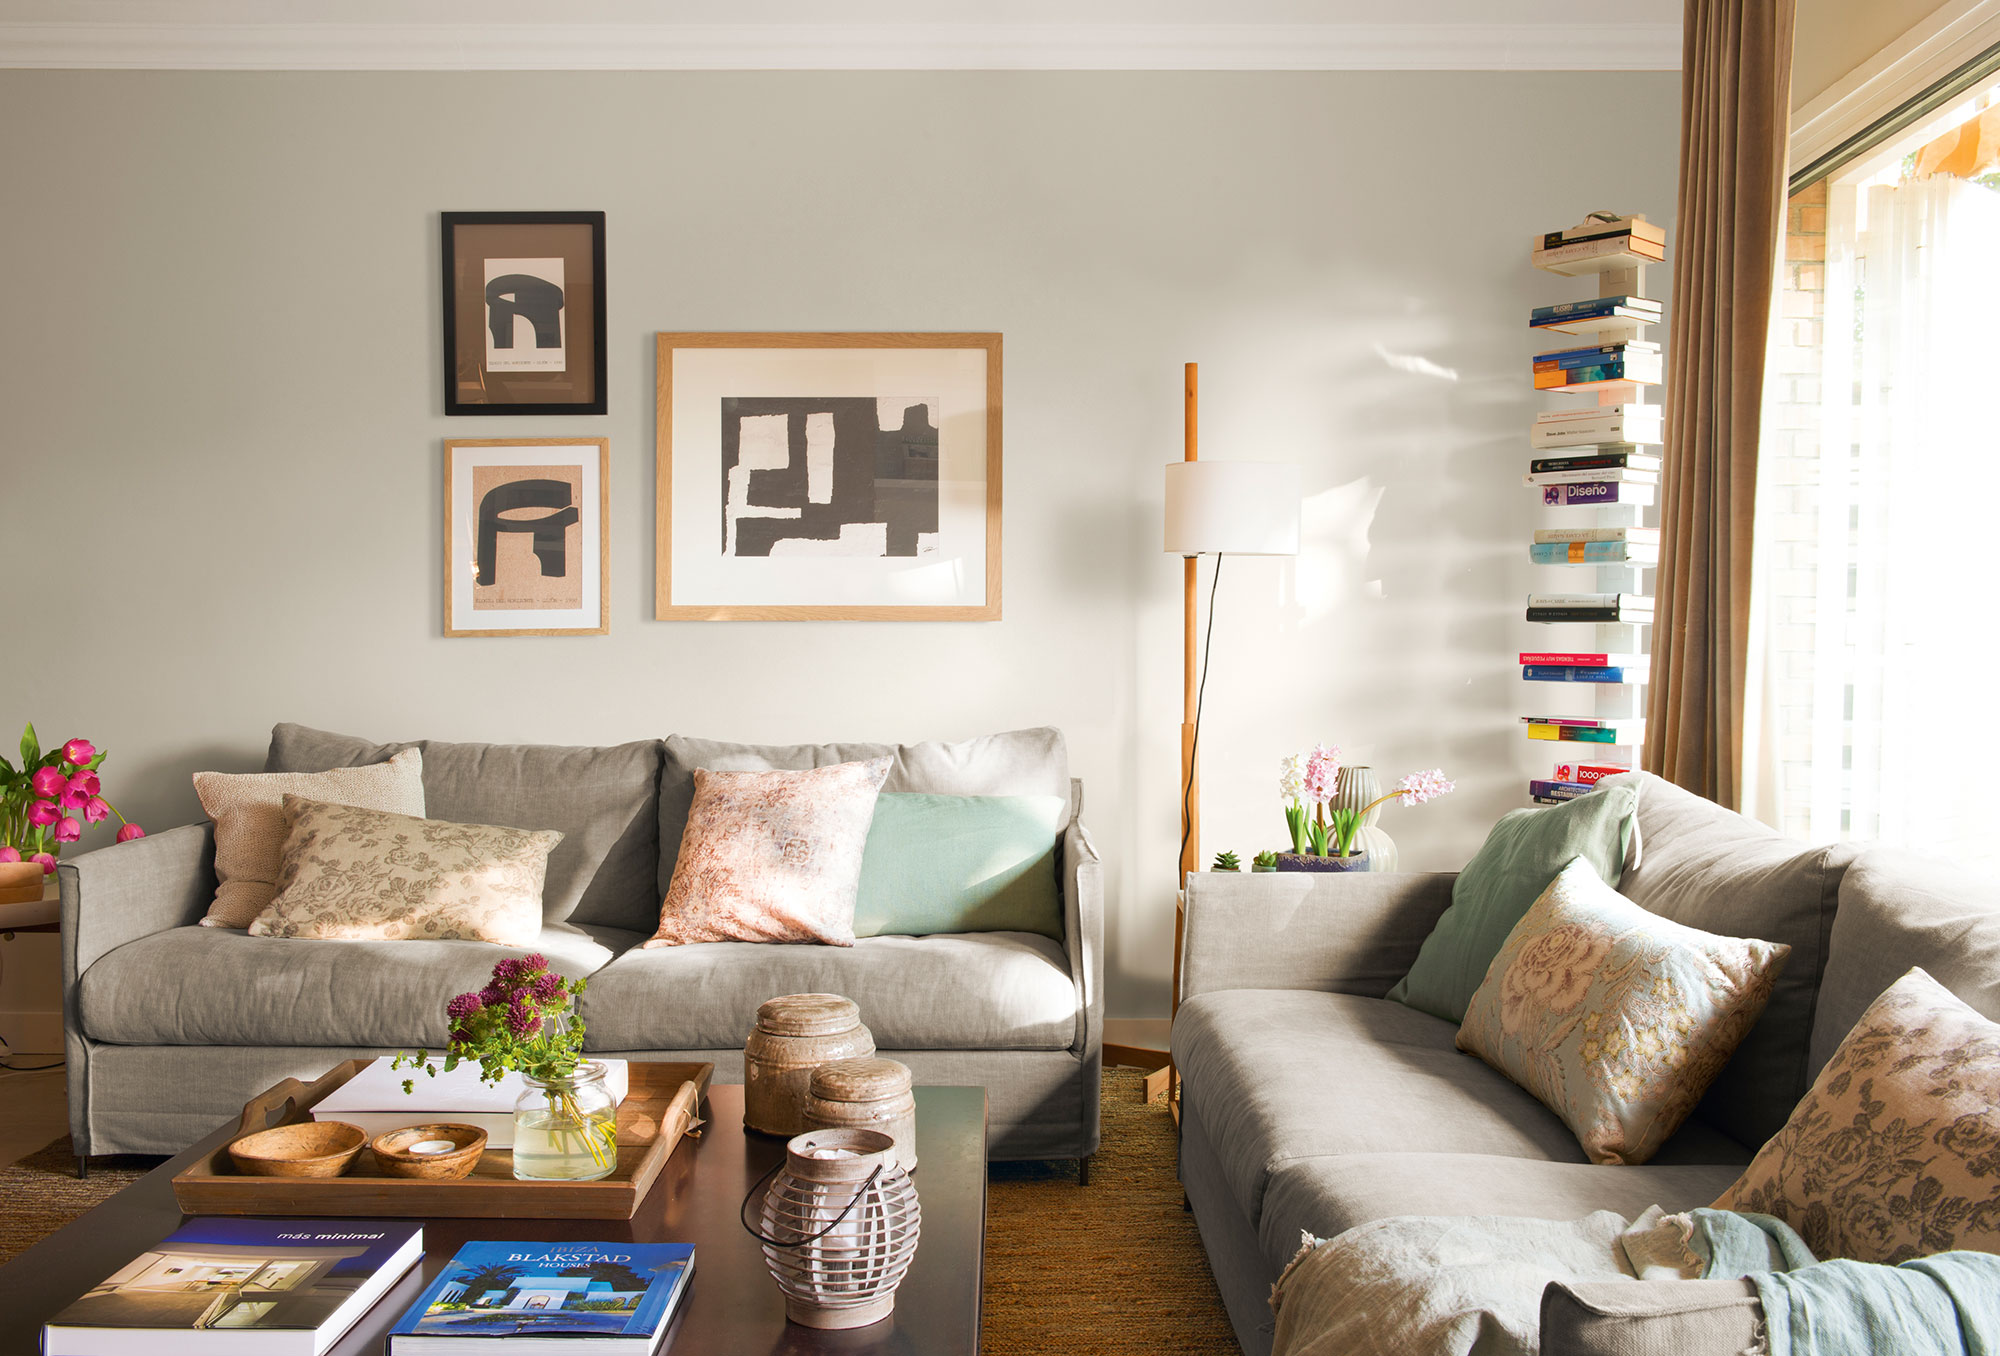 10 Librerias Practicas Y Decorativas Para Toda La Casa